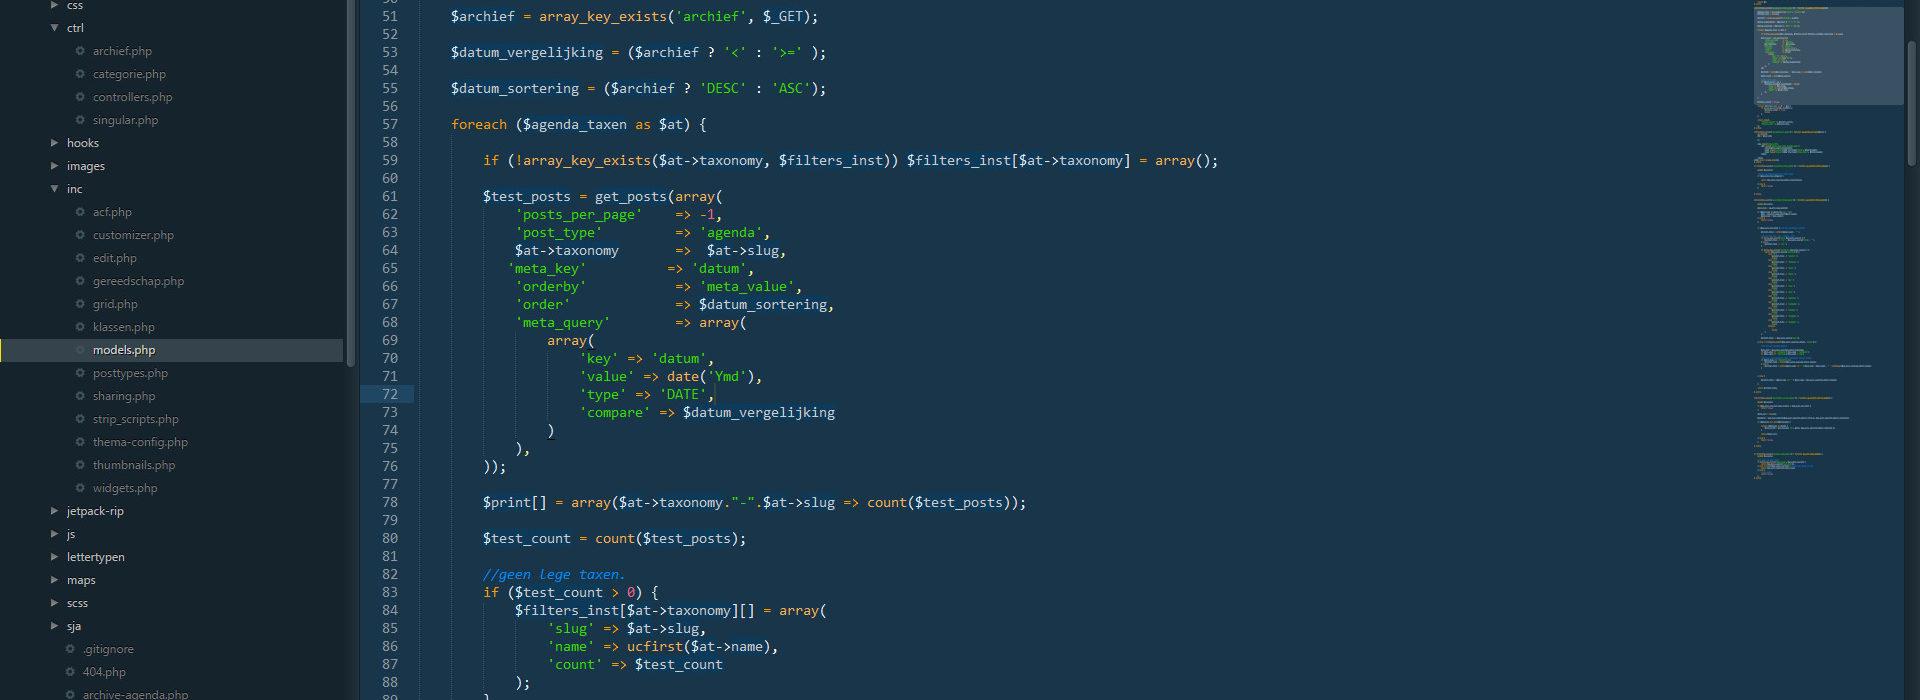 php model vloerwerk.org agenda